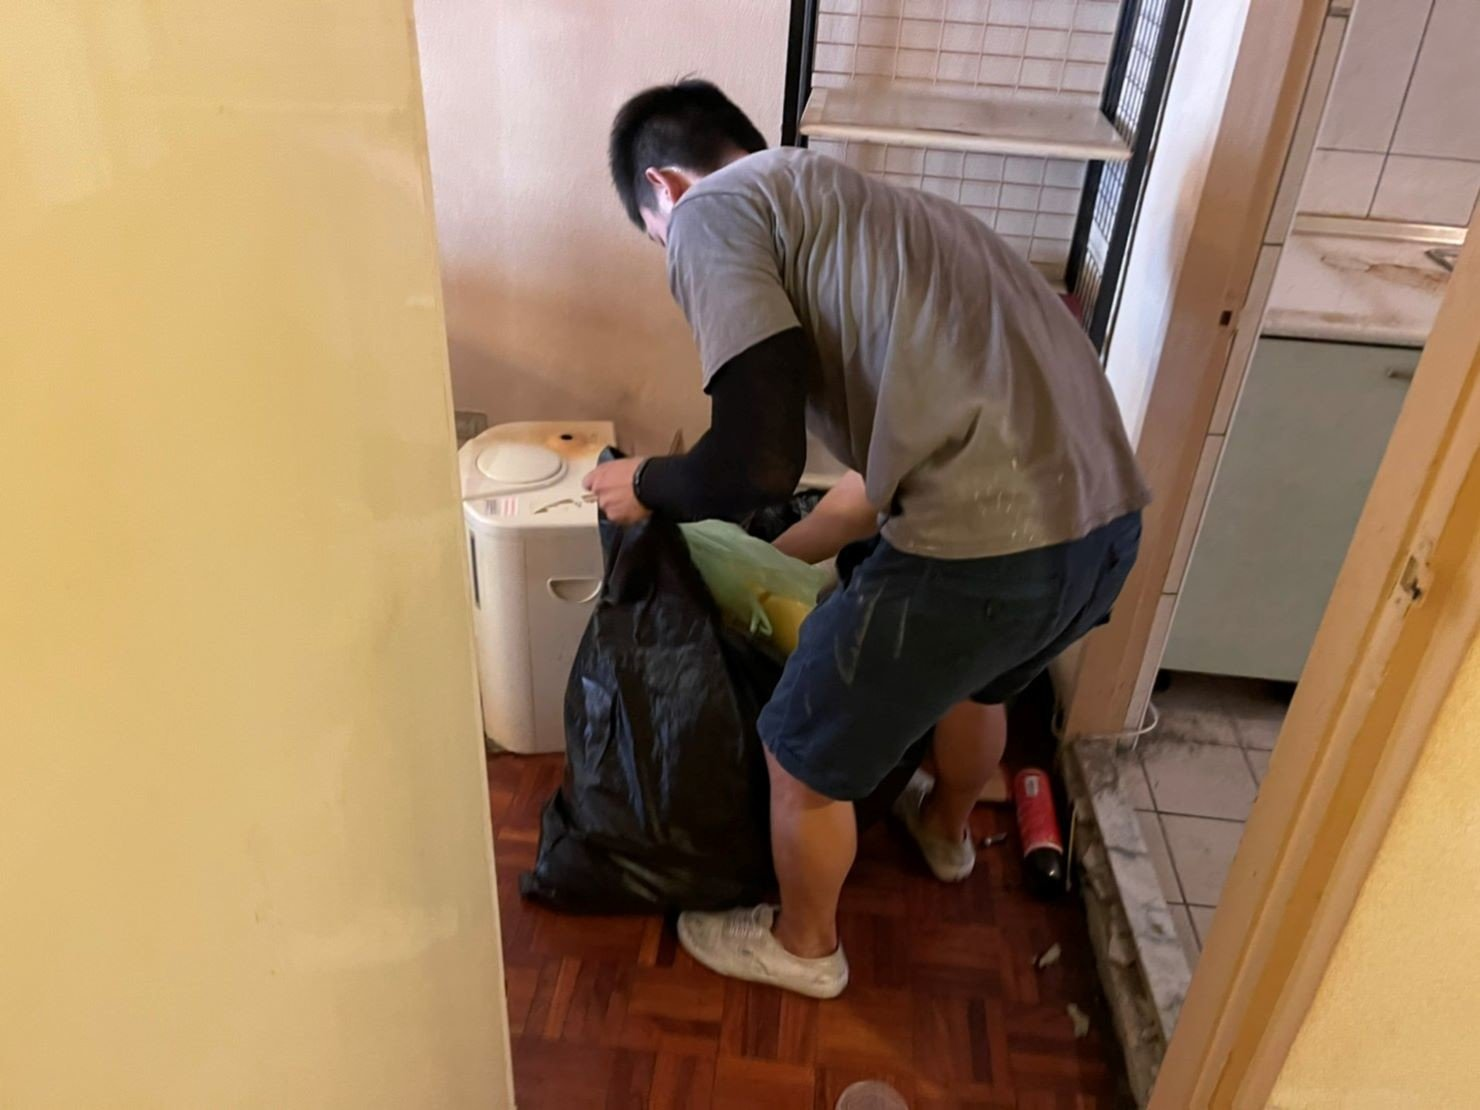 搬家推薦【榮福搬家】搬家口碑第一、台北搬家、新北搬家:【廢棄物處理清運、家庭家具垃圾處理】榮福搬家垃圾清運服務-顧客不用自己動手整理,全交由榮福搬家師傅整理清運到好。